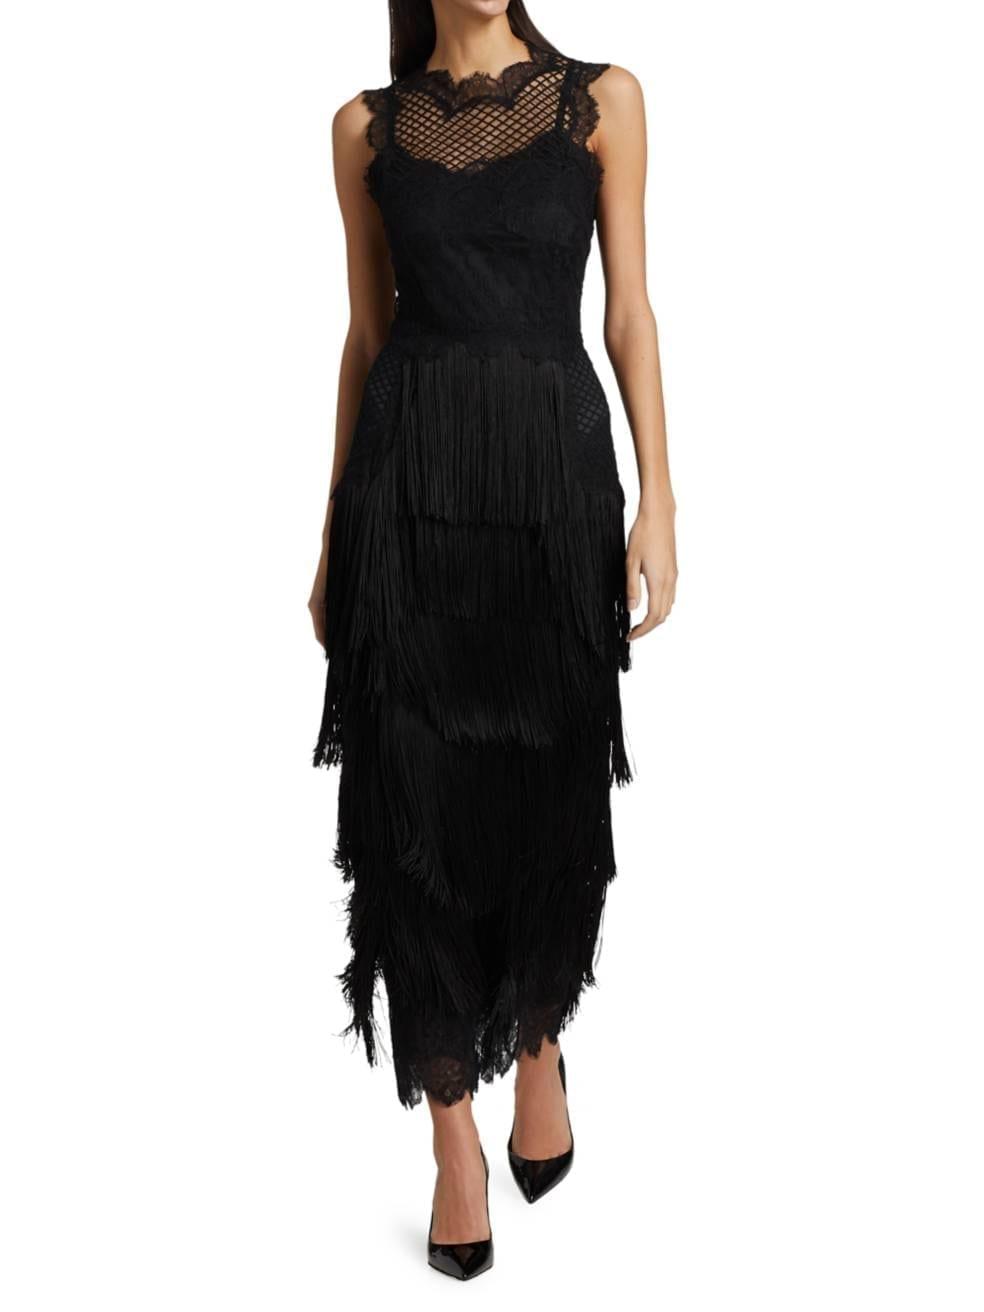 DOLCE & GABBANA Fringe Lace Sleeveless Cocktail Dress